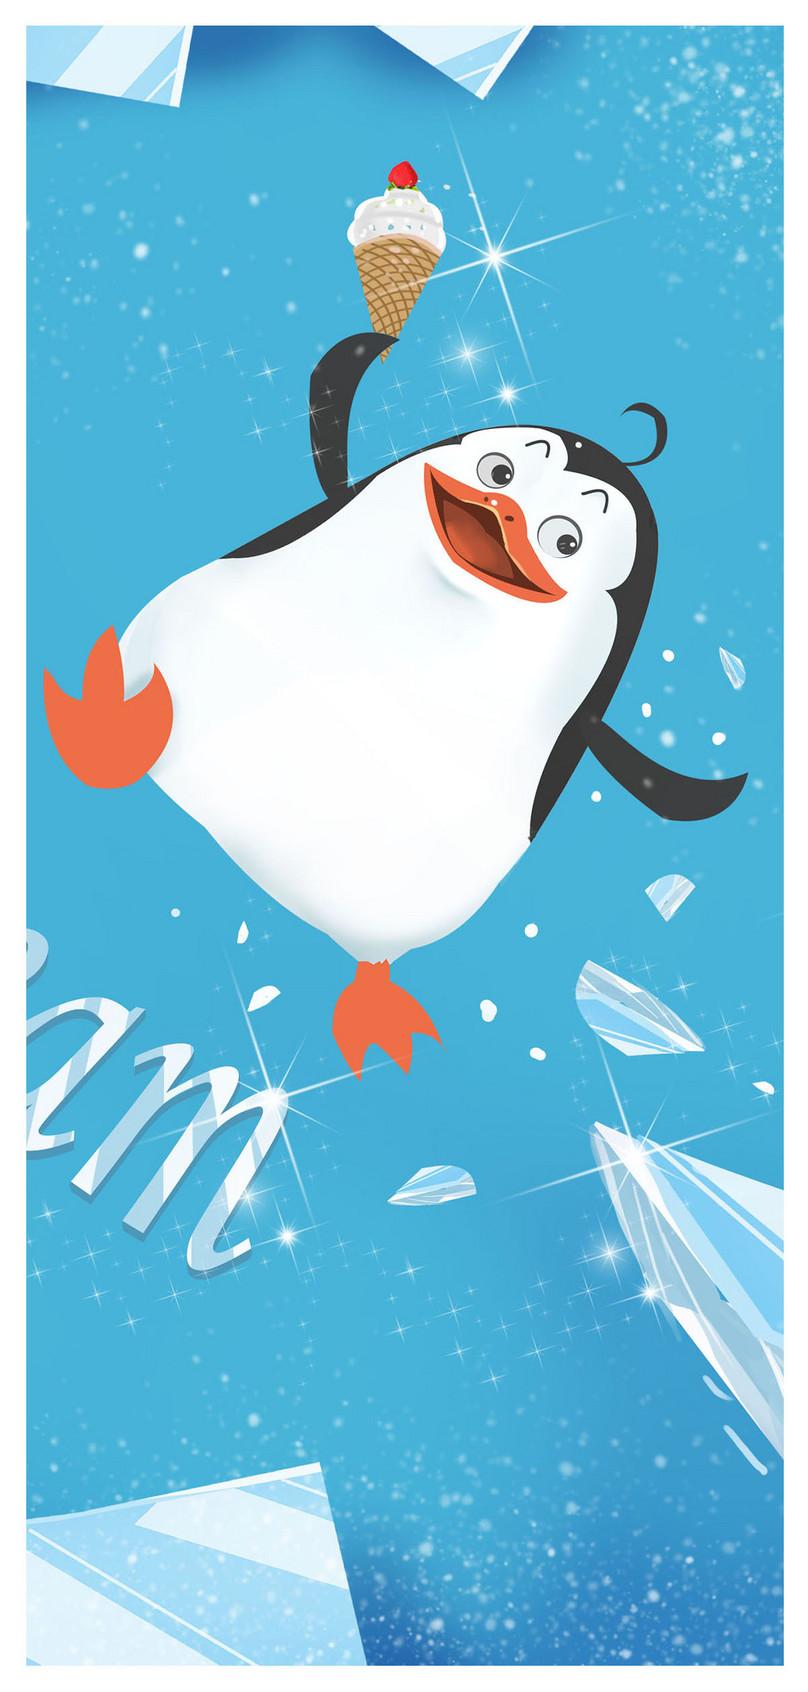 ペンギンかわいい携帯壁紙イメージ 背景 Id 400482817 Prf画像